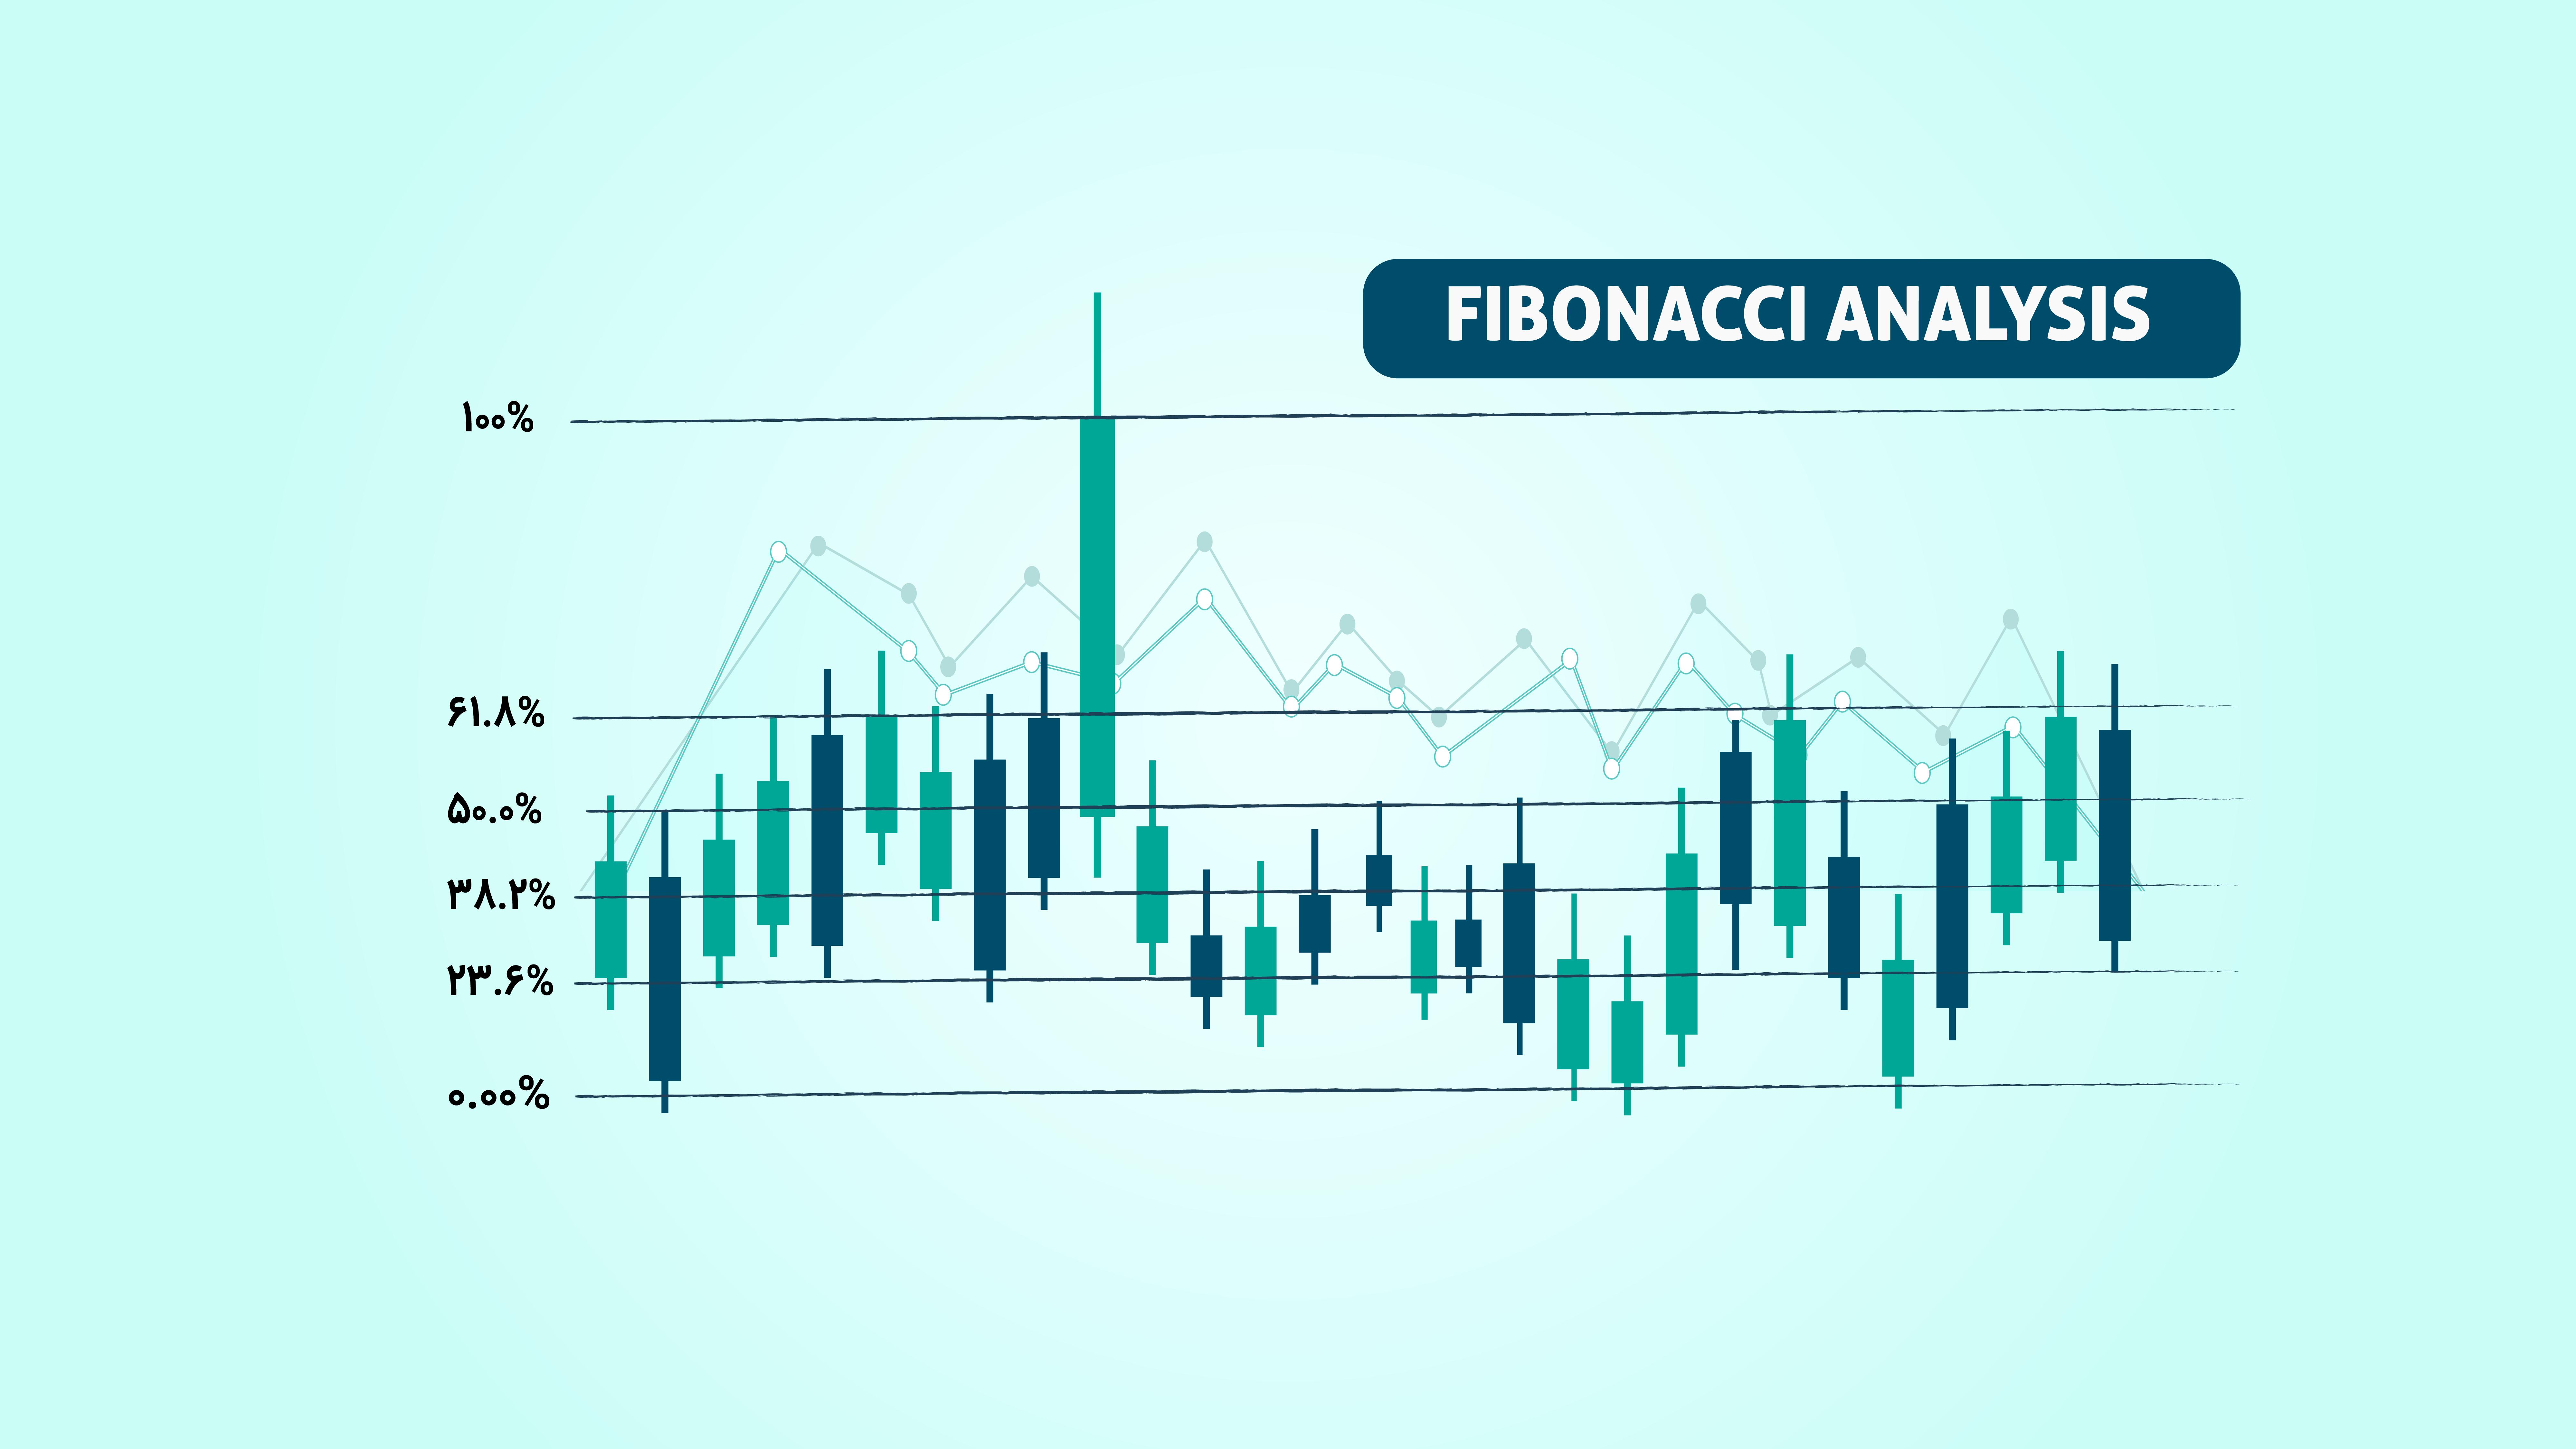 فیبوناچی چیست و چه کاربردی در تحلیل تکنیکال دارد؟